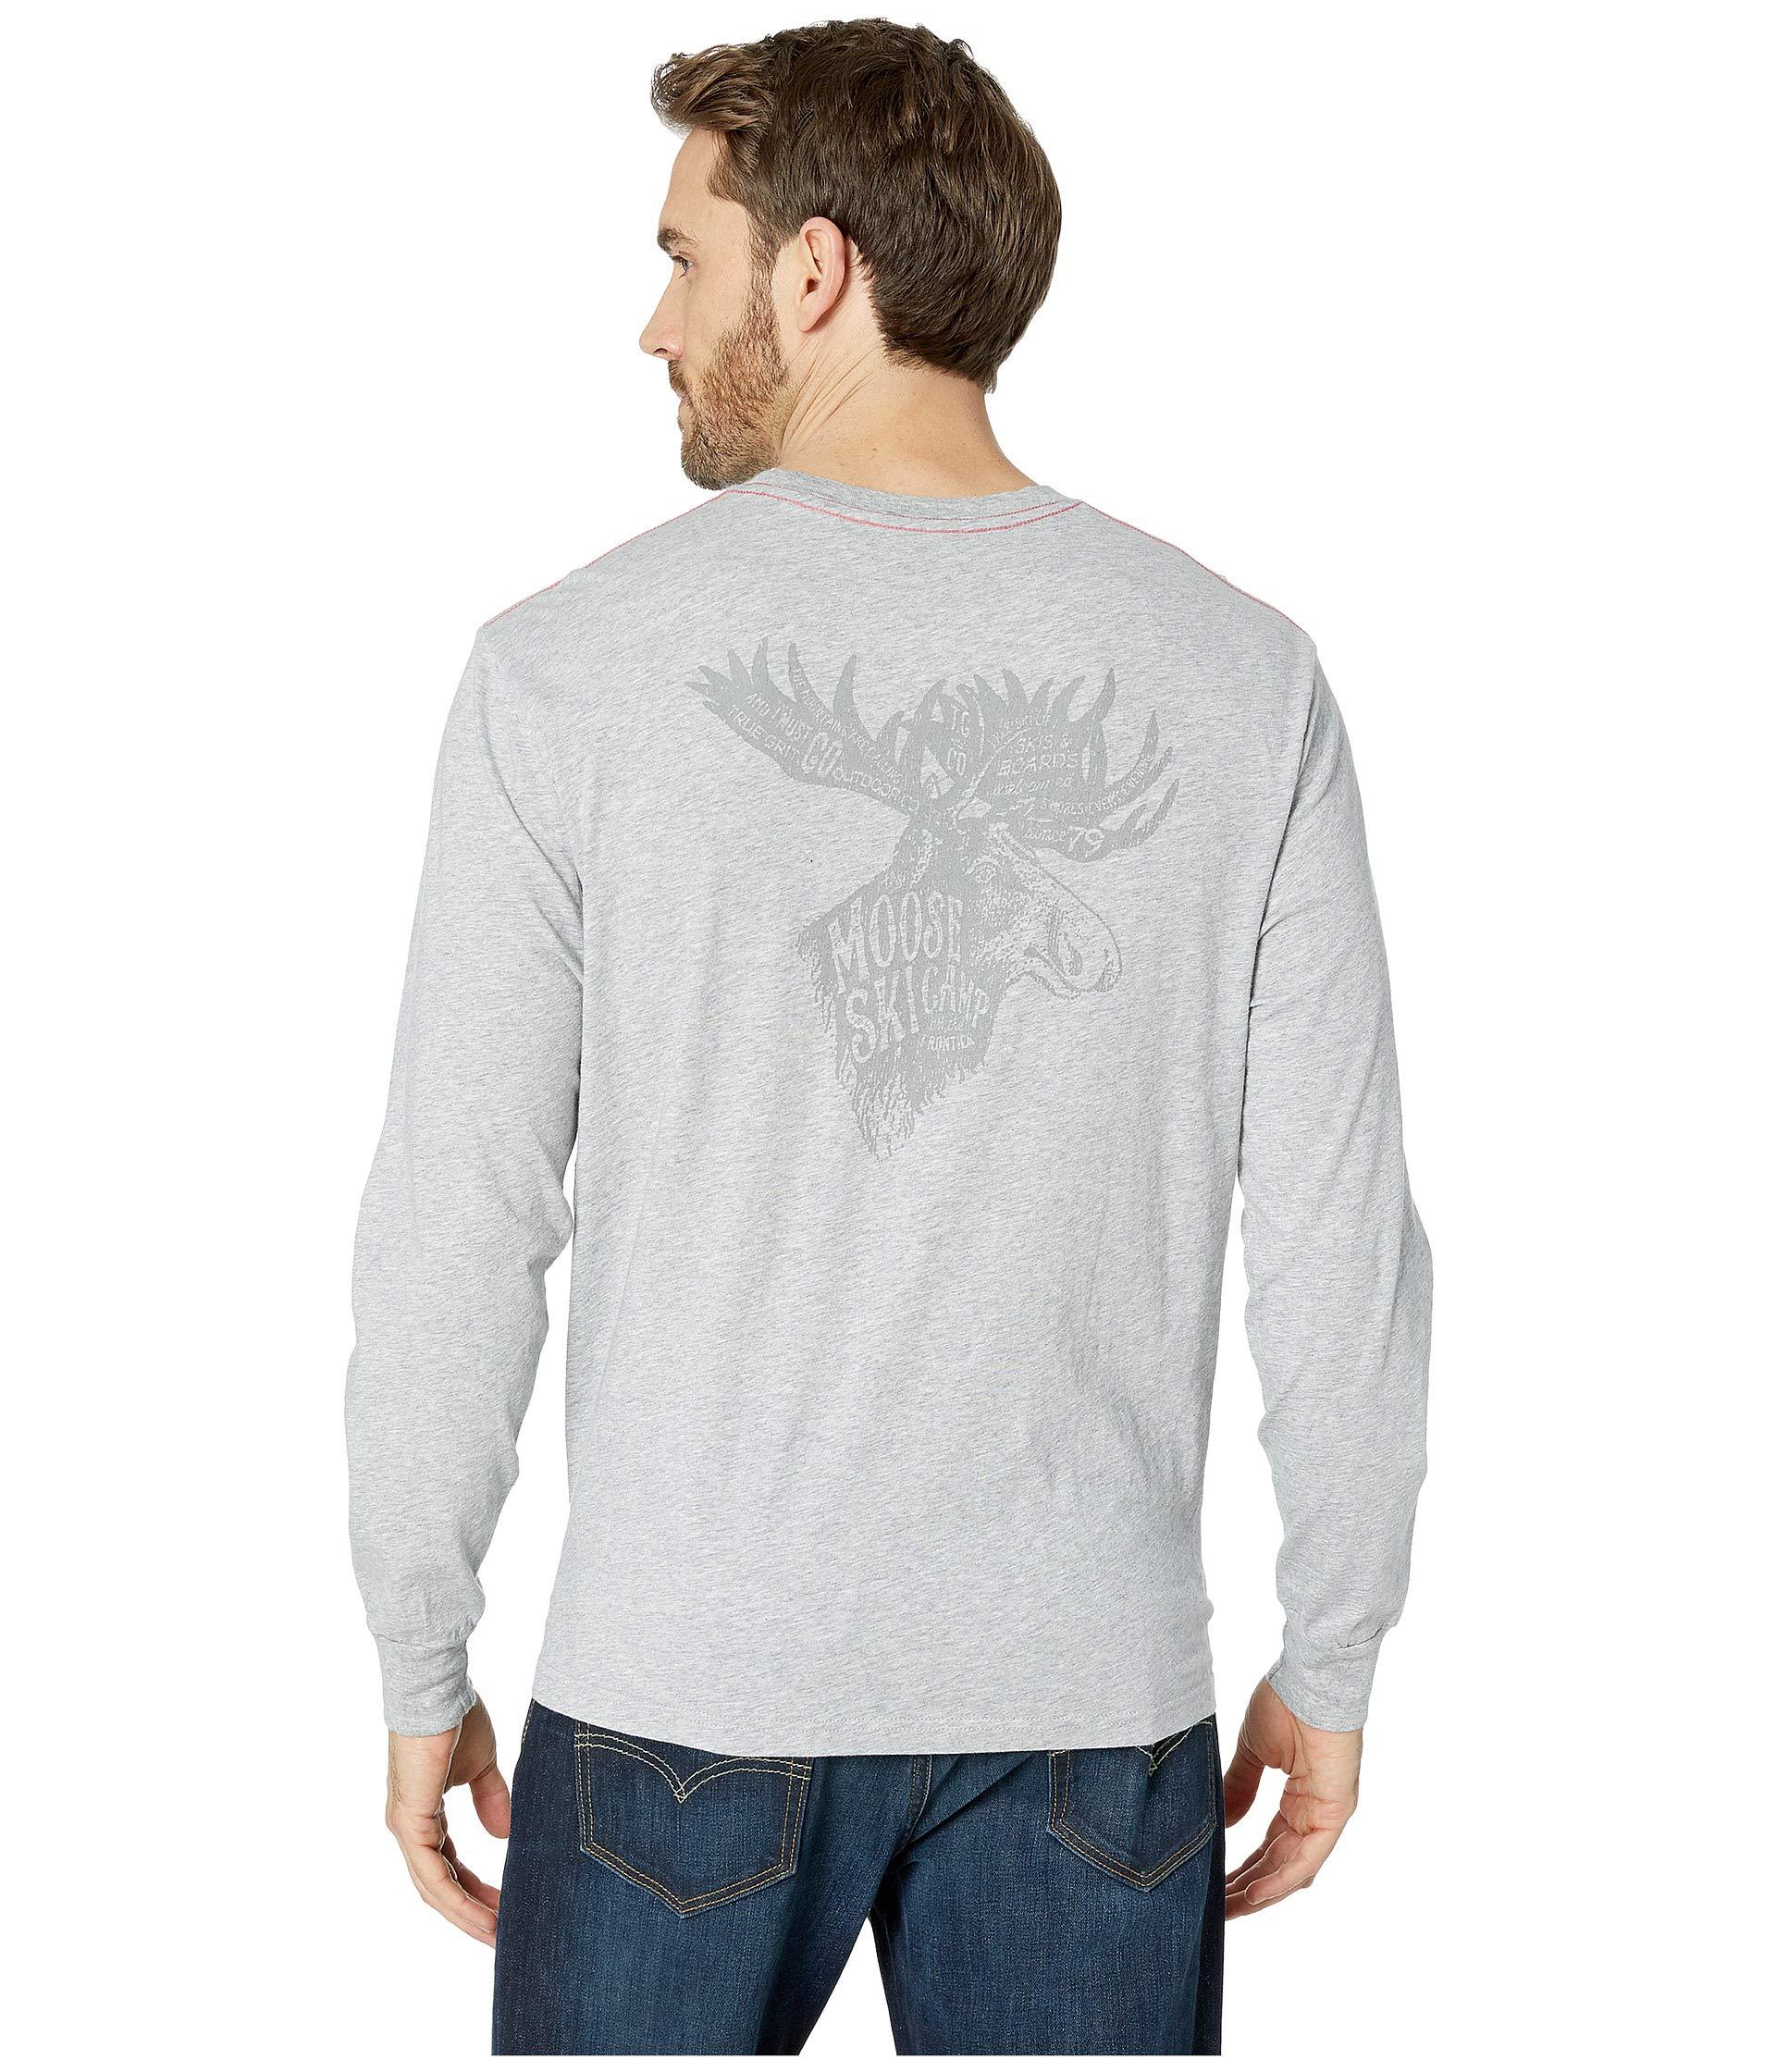 Heather Grey Moose True Print Tee Screen Grit Long Ski Sleeve Camp Vintage wqwvRCFxa